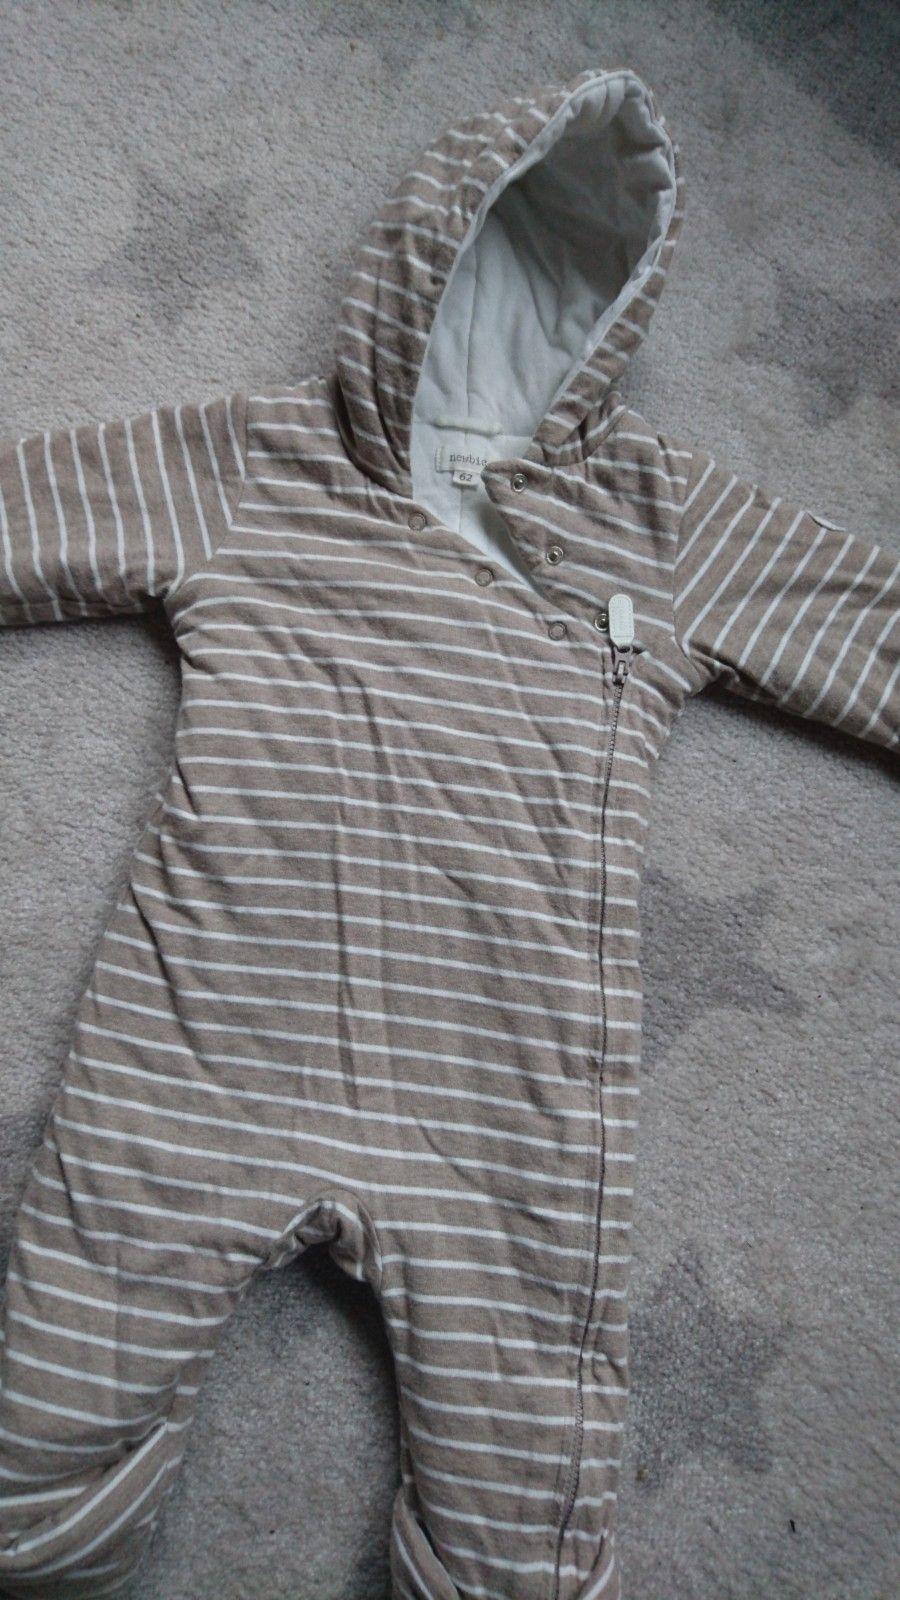 2 fine Dress, newbie 62 cm og fleece pose/dress 50/56cm - Oslo  - Newbie dress brukt for soving i vognen og andre dress er ubrukt. Fleece dress kan man bruke som bilsete pose, du kan ta setebelte gjennom dress.  Må hentes og betales med kontat eller vips. - Oslo